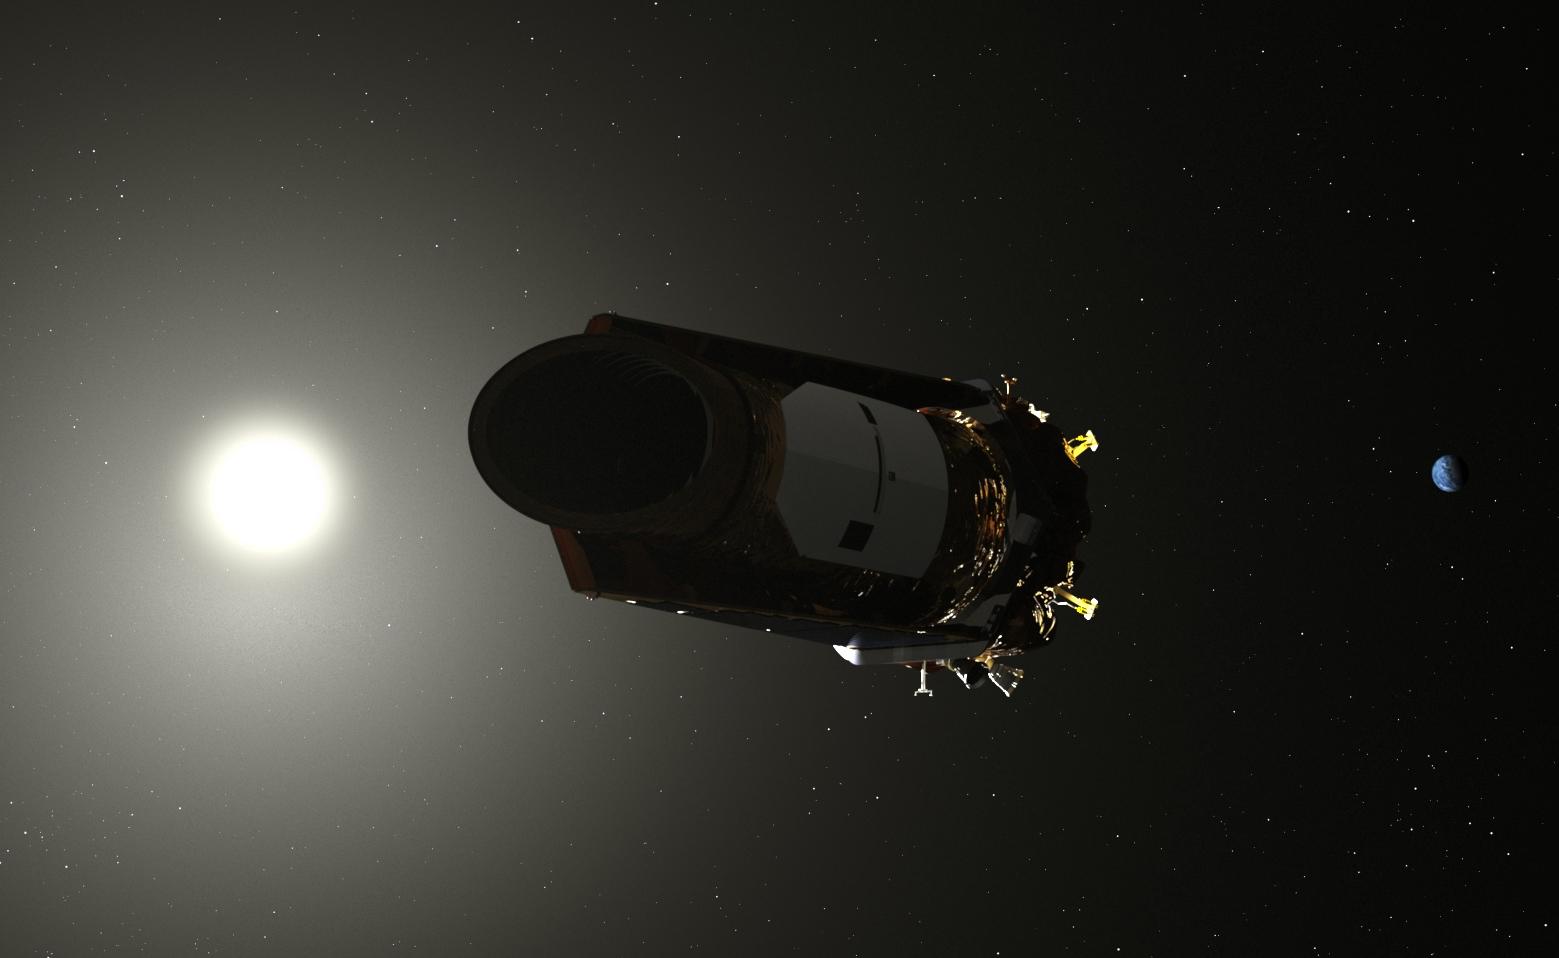 Дни «Кеплера» сочтены. У легендарного охотника за экзопланетами заканчивается топливо